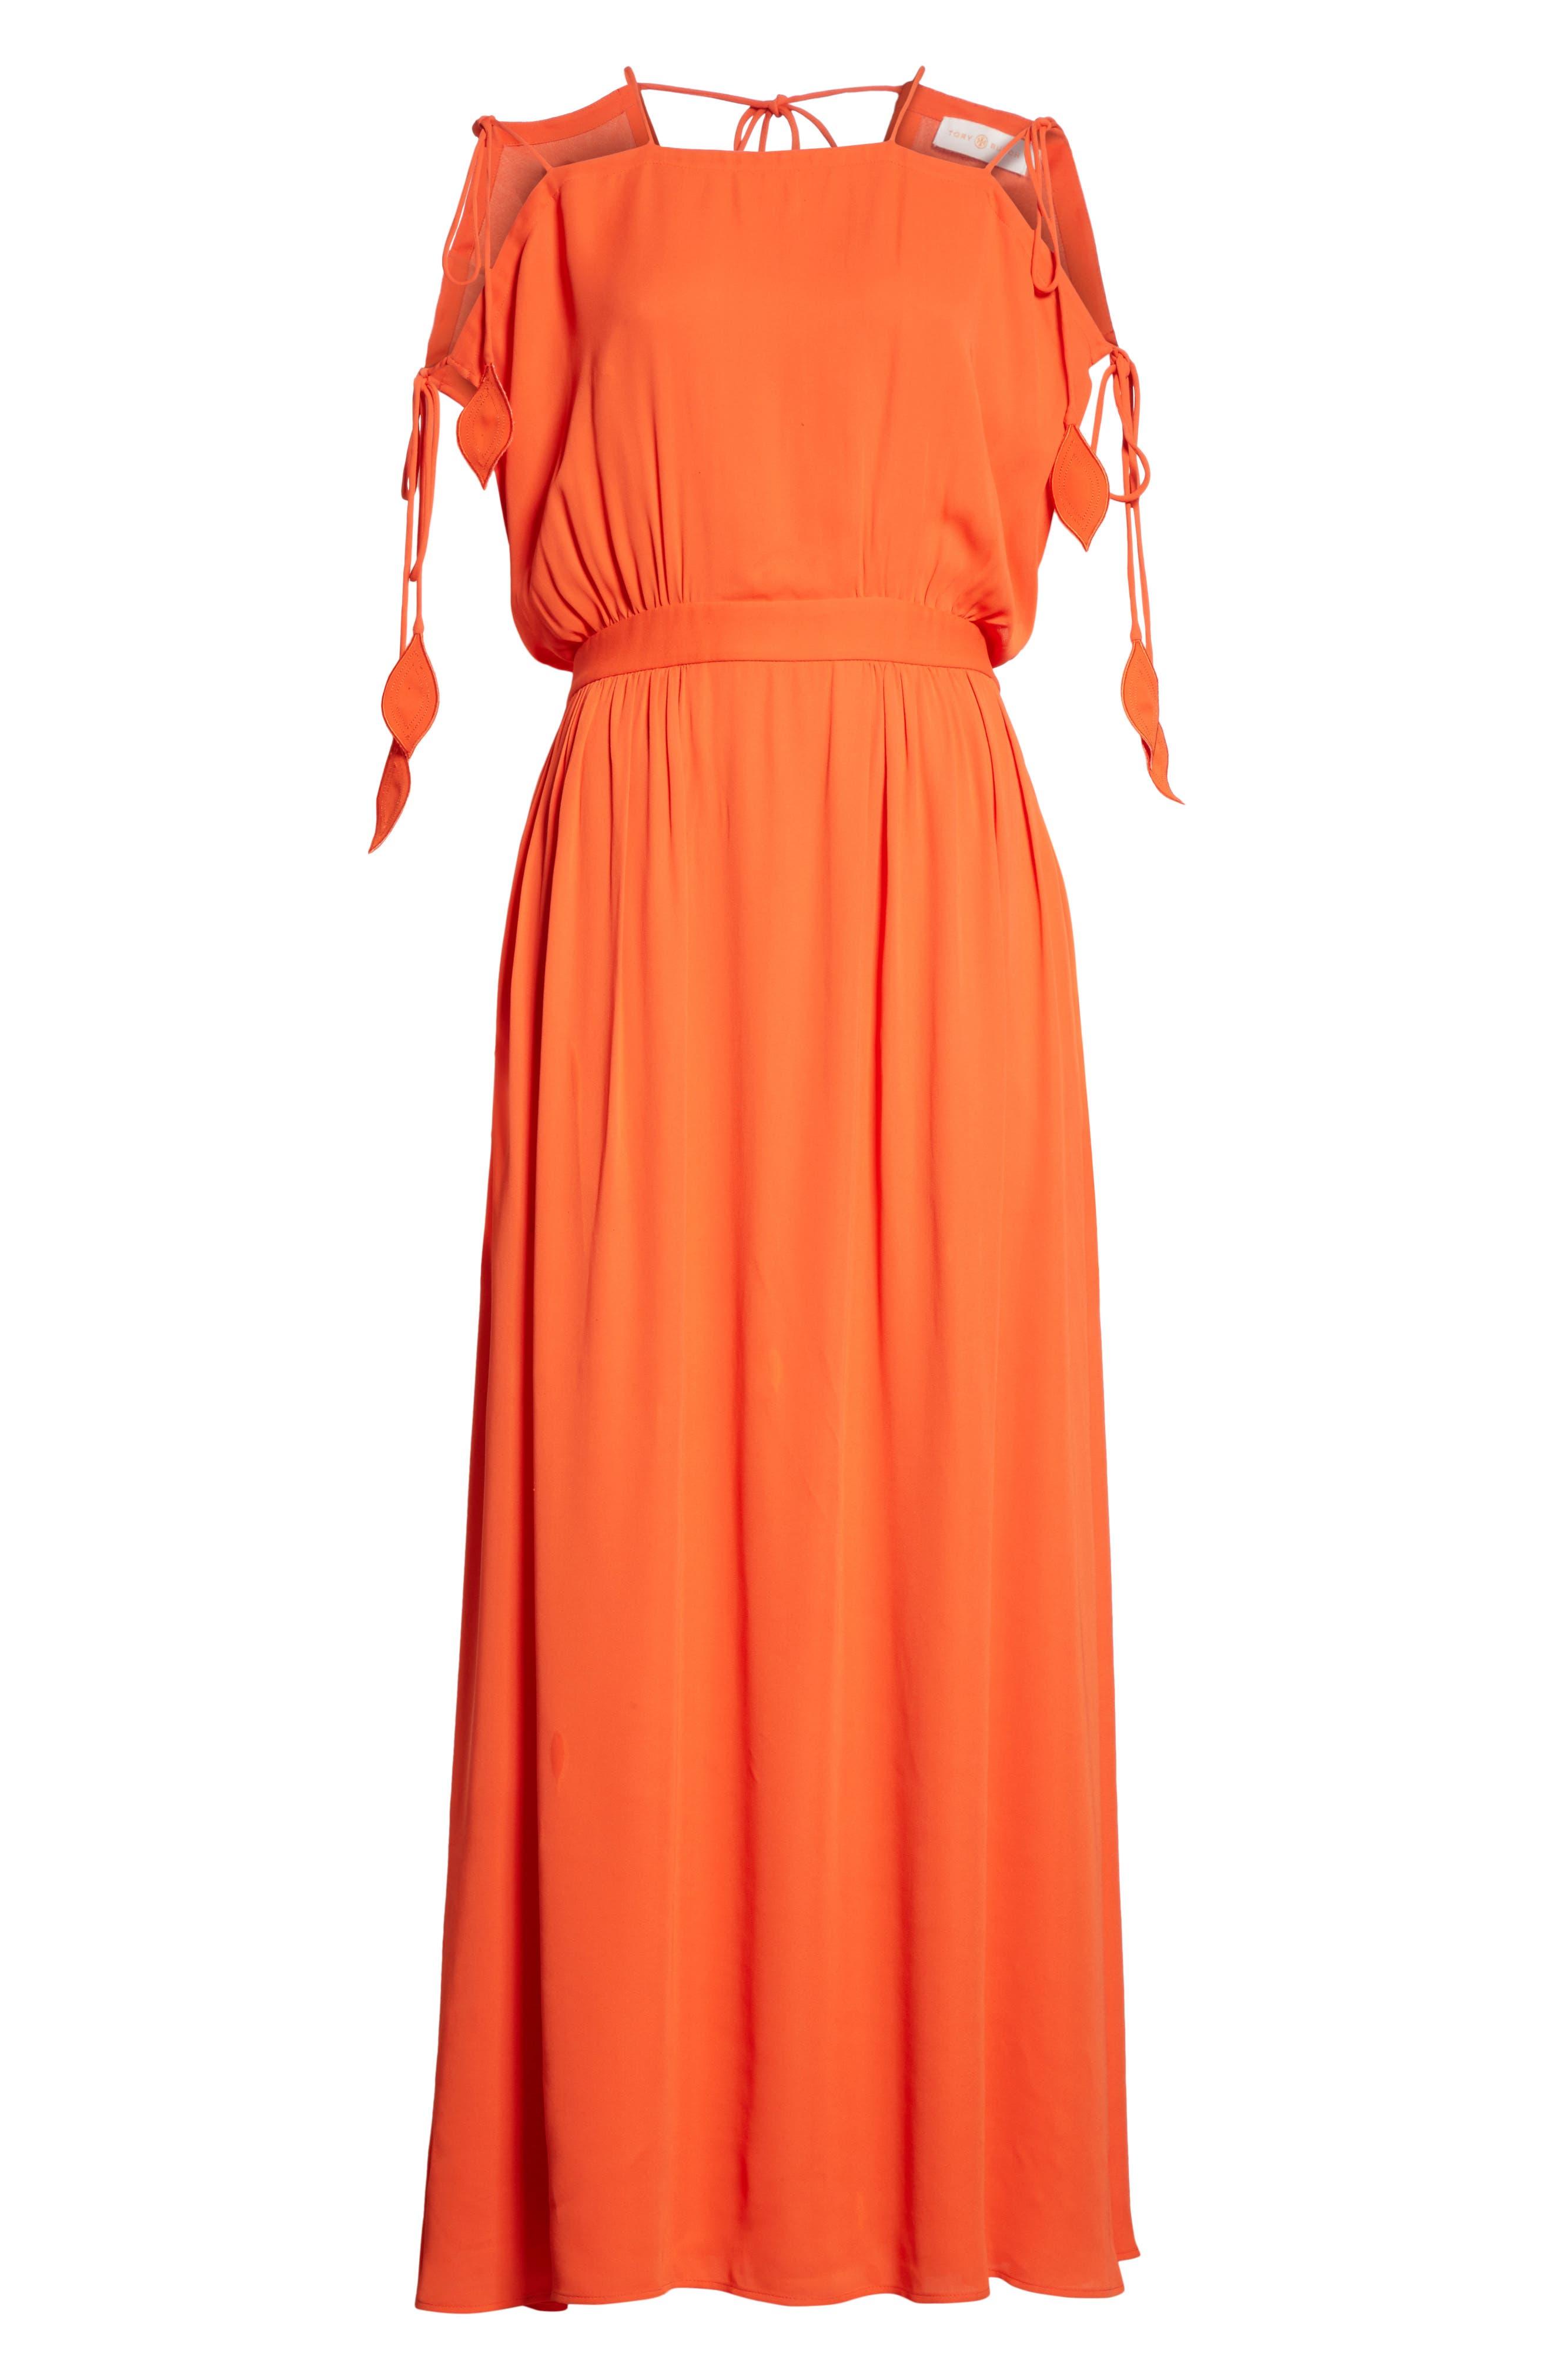 Evalene Maxi Dress,                             Alternate thumbnail 6, color,                             614